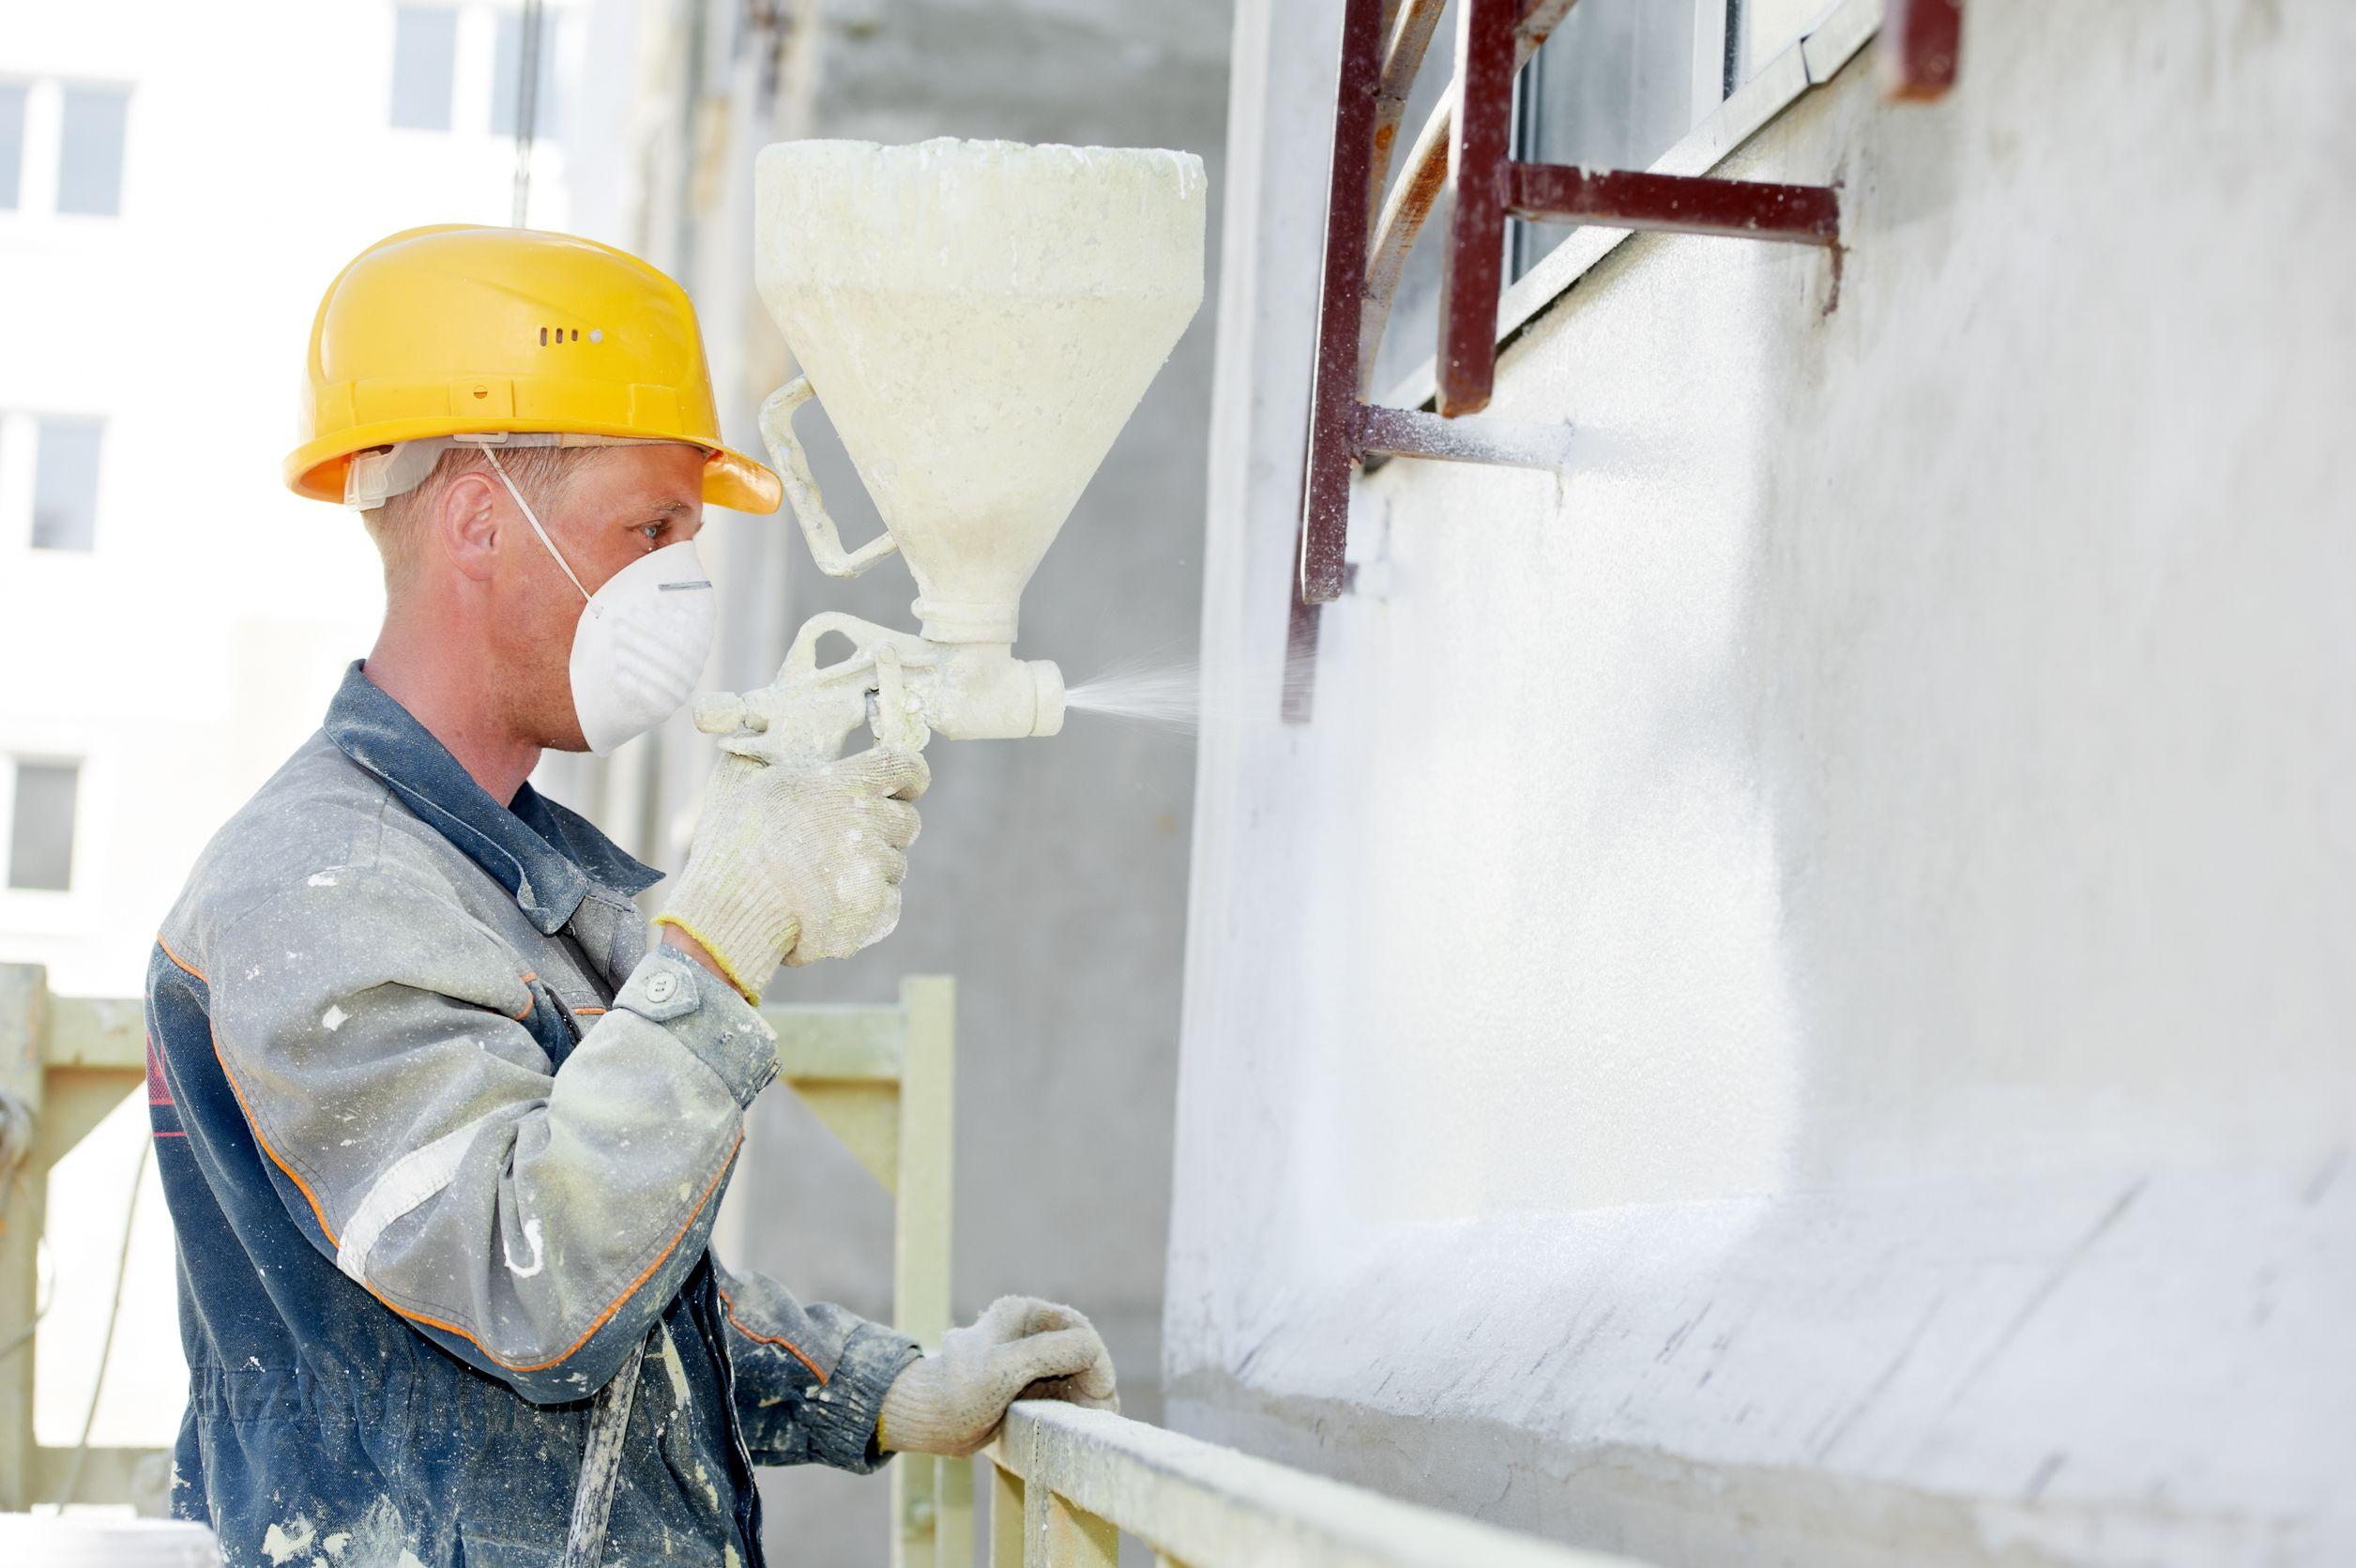 Теплоизоляция Броня сверхтонкий жидкий состав для утепления стен внутри дома характеристики утеплителя отзывы пользователей